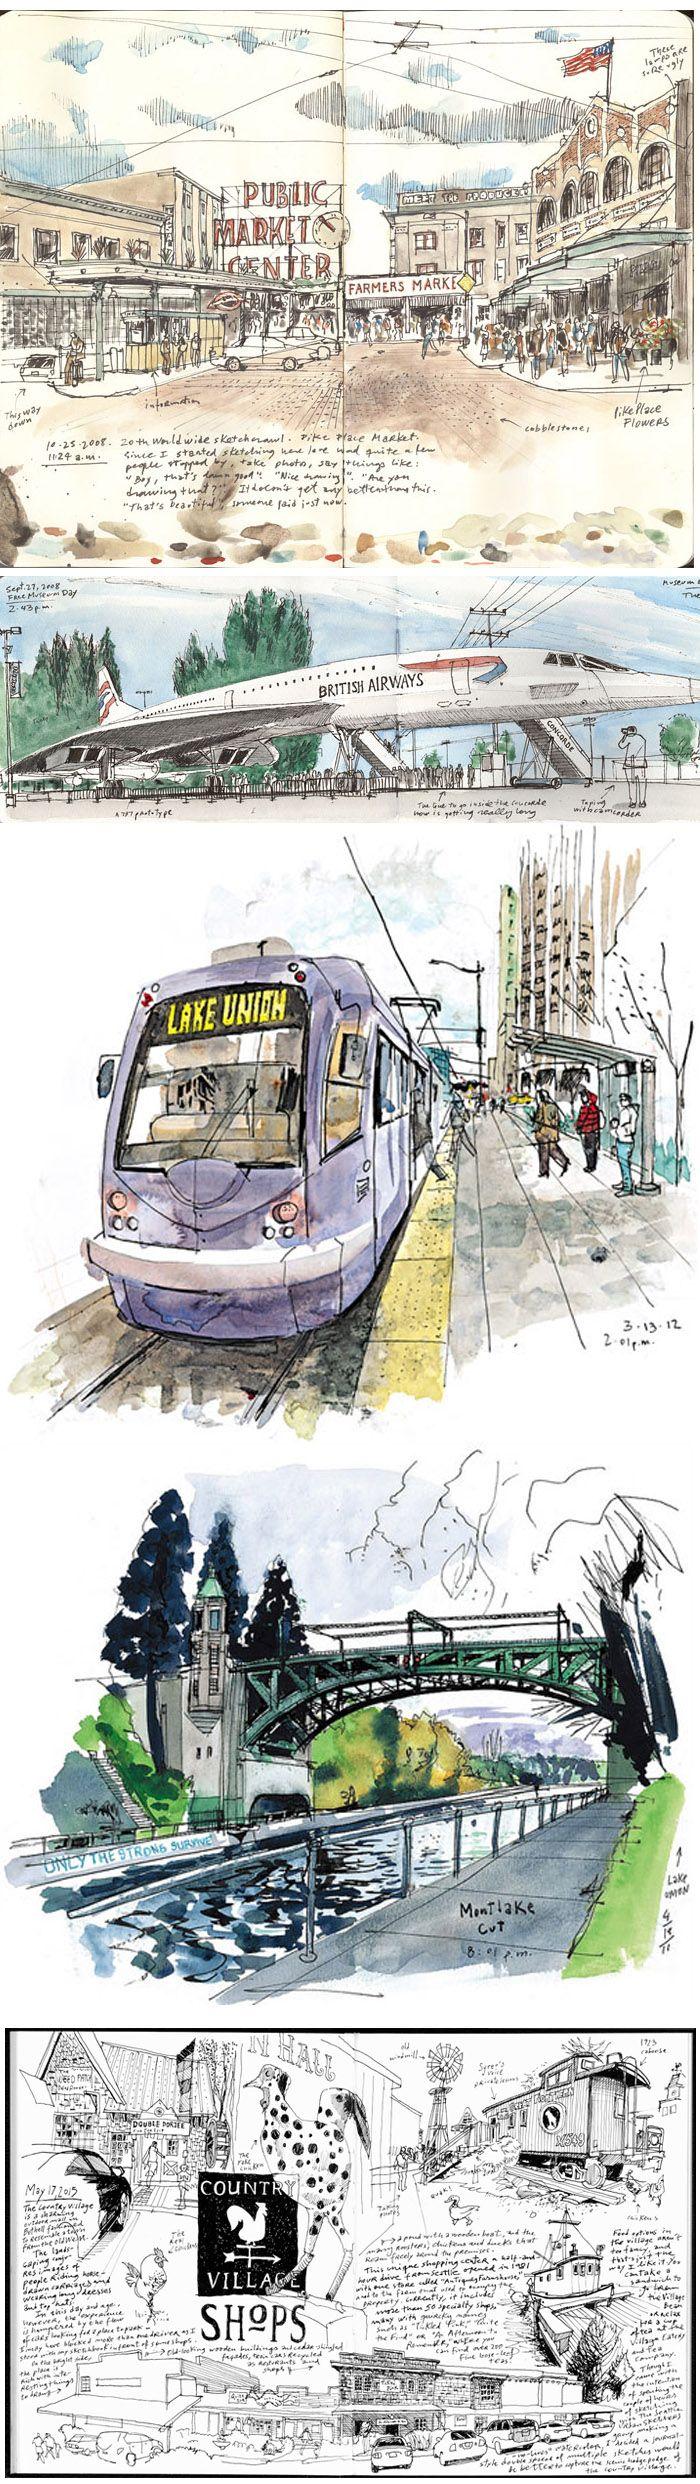 Gabi Campanario #urban #sketch #travel #journal http://thetoolsartistsuse.com/2009/03/gabi-campanario/